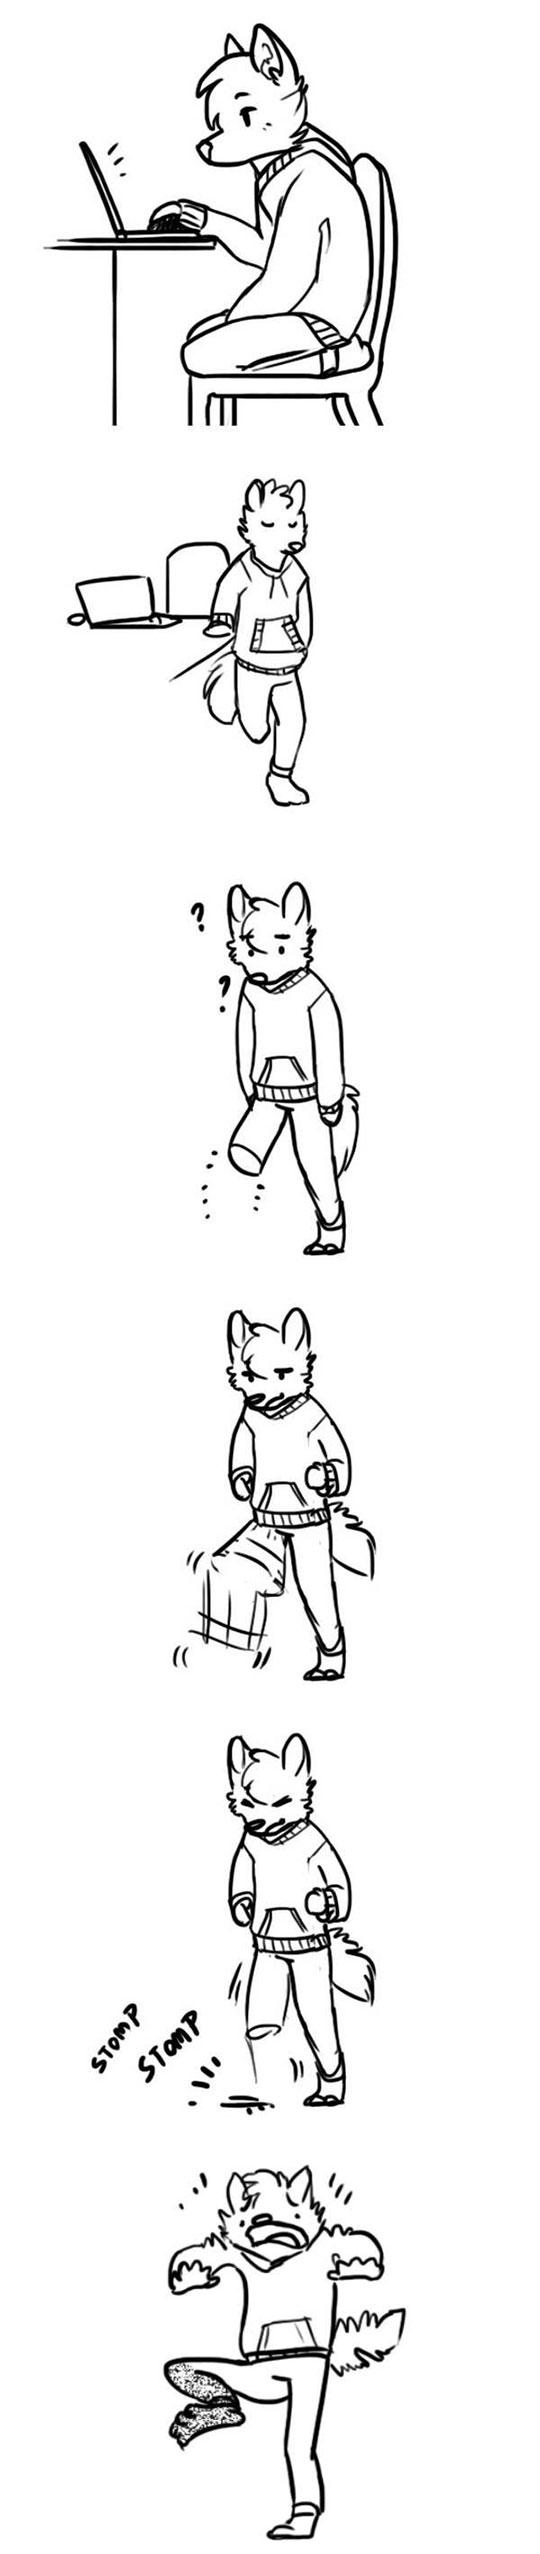 funny-fox-cartoon-sleepy-leg